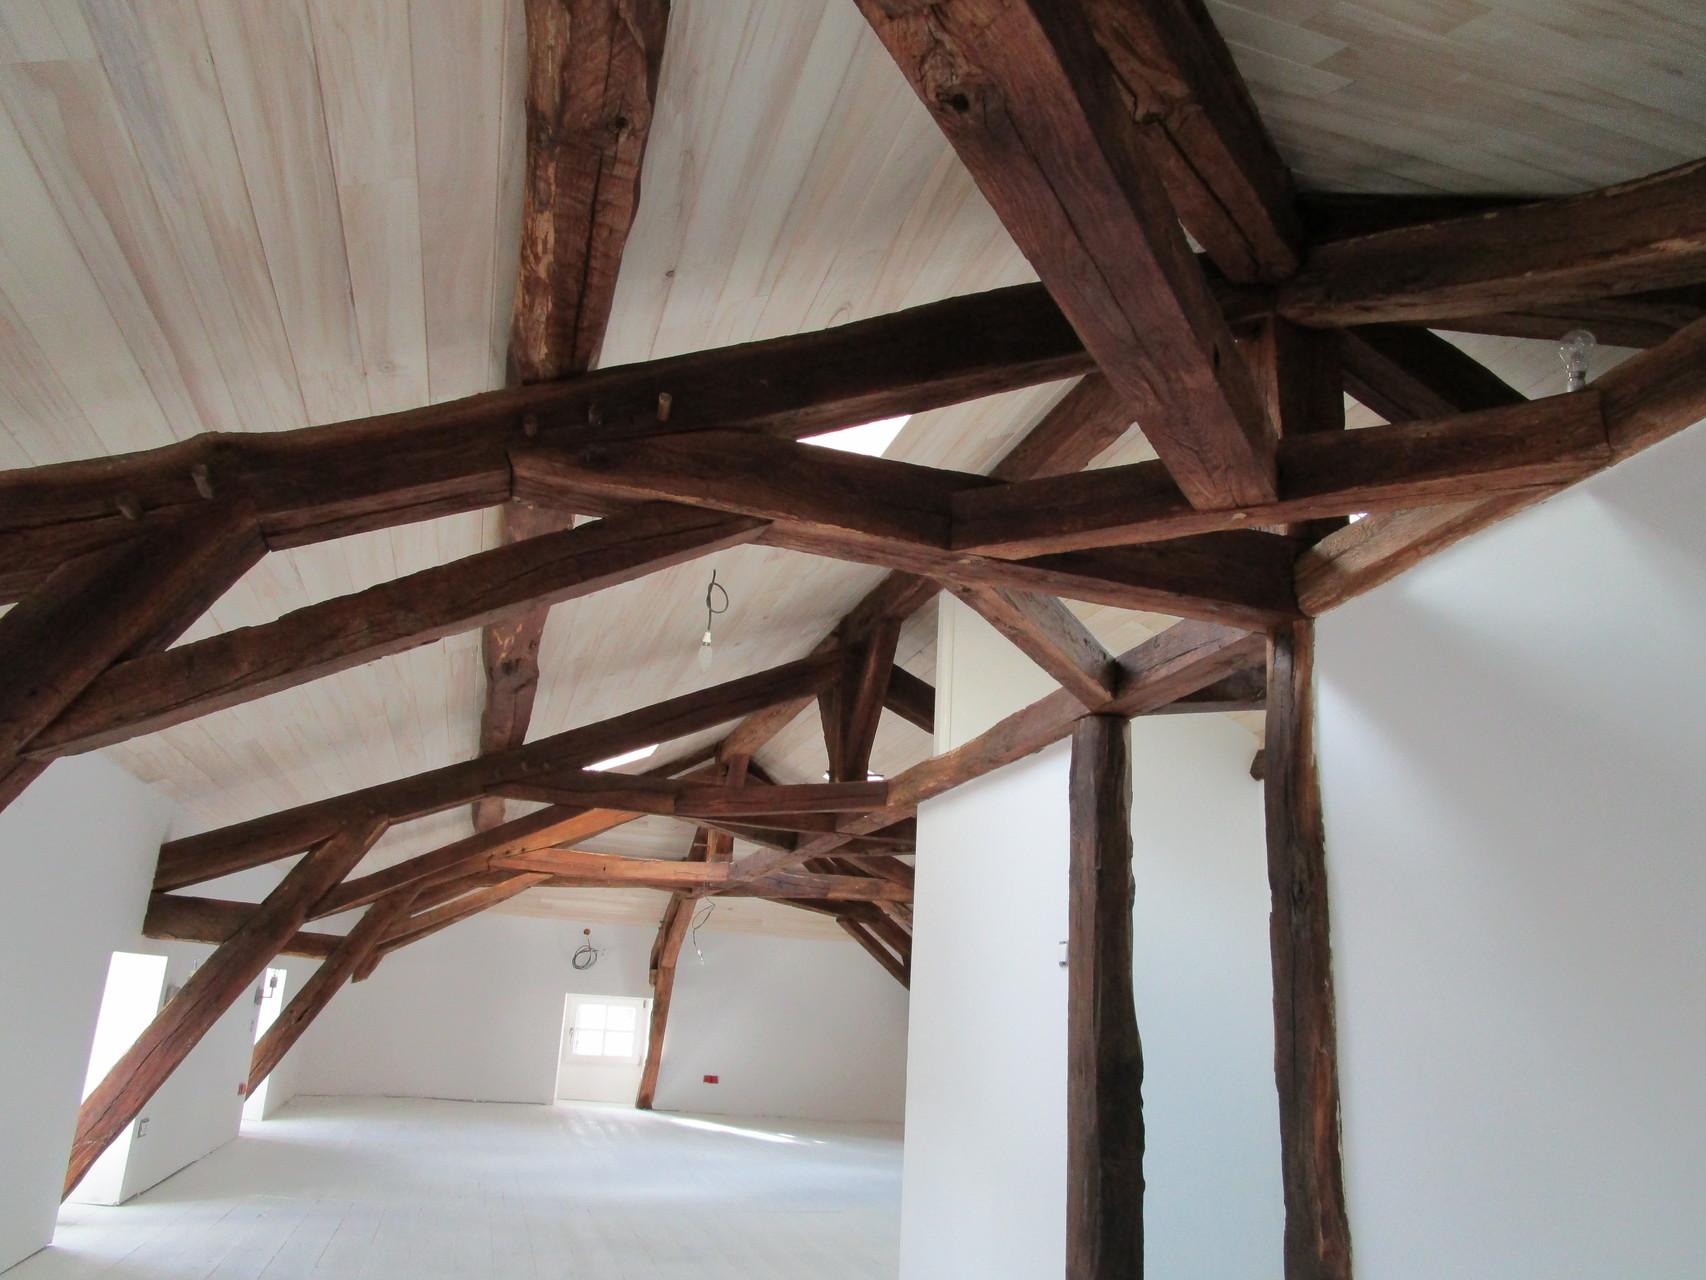 Rénovation : aménagement de comble avec lambris Peuplier du Poitou Charente.